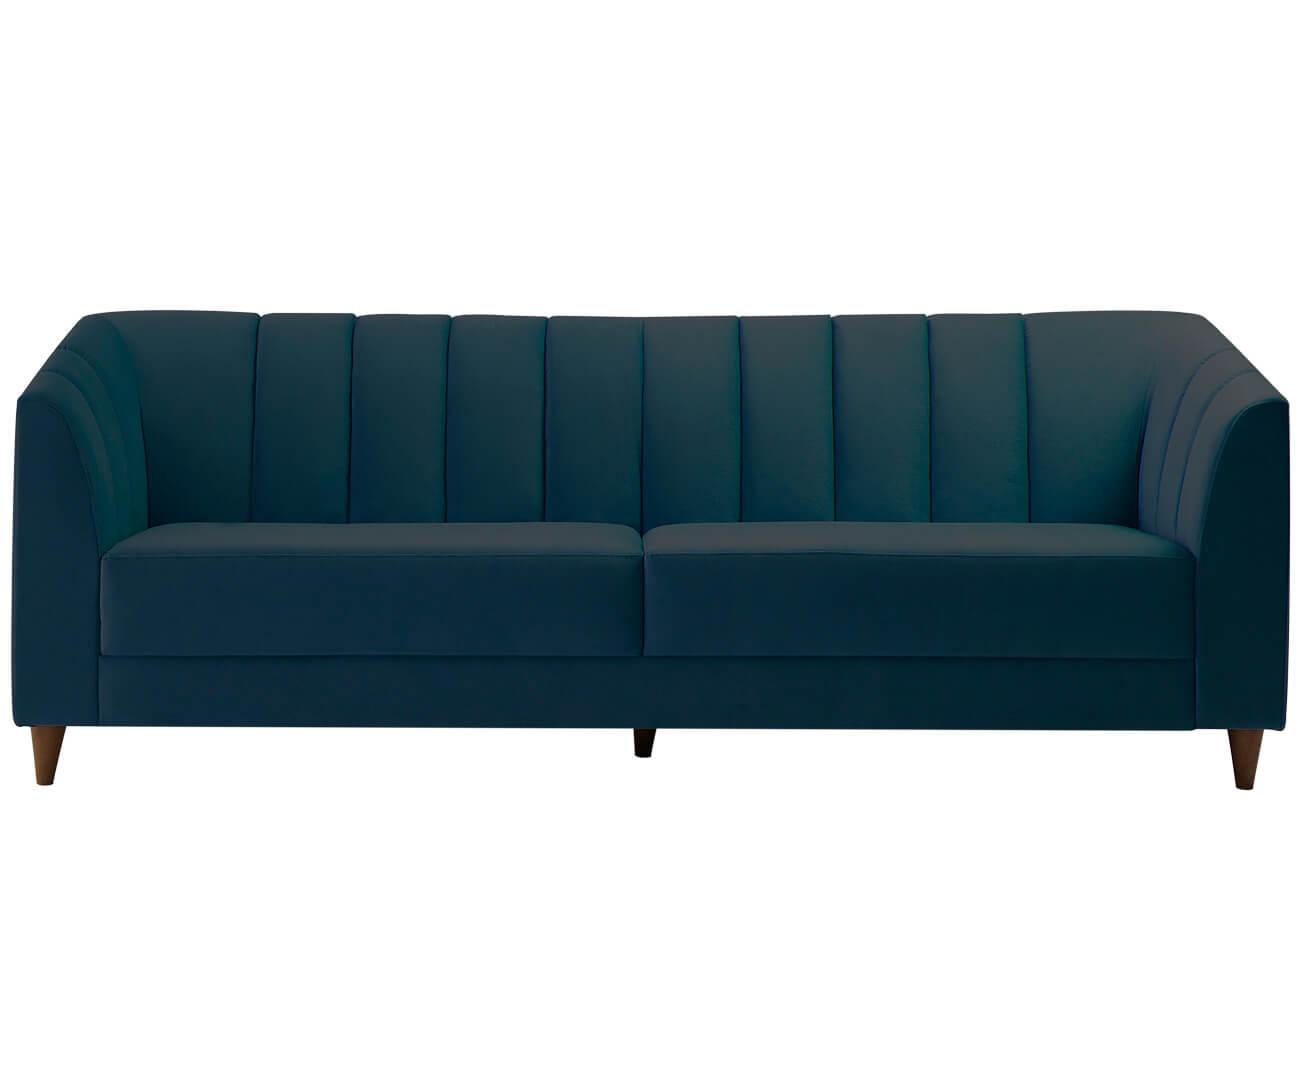 sofá 3 lugares allure em veludo 0742